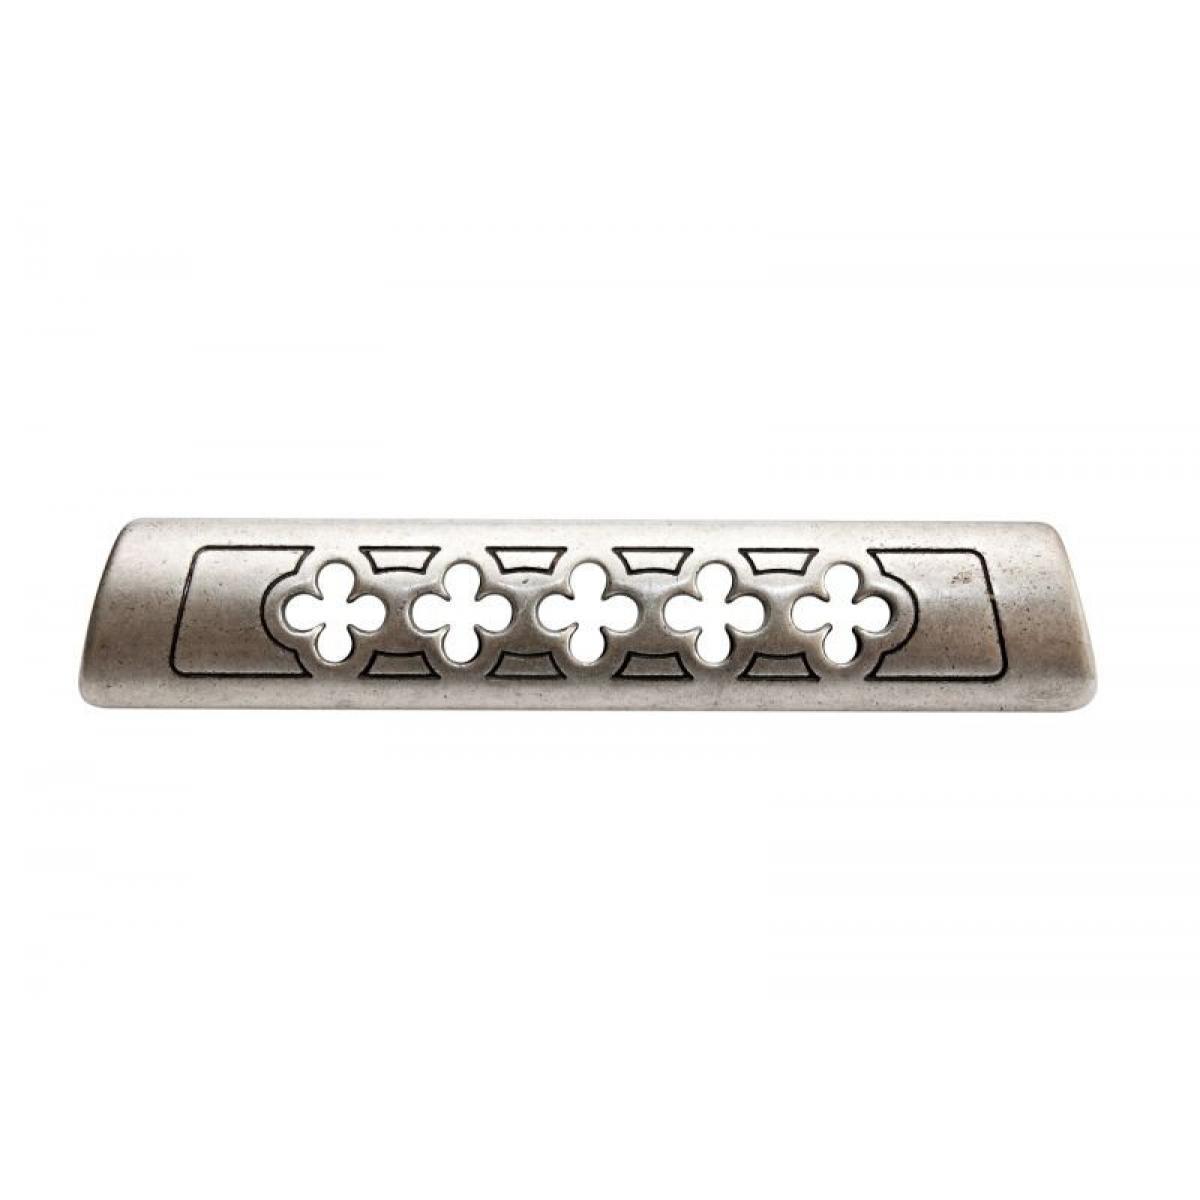 ручка 1353А 0033, Межосевое расстояние для крепления ручки -128мм, покрытие состаренный металл 33